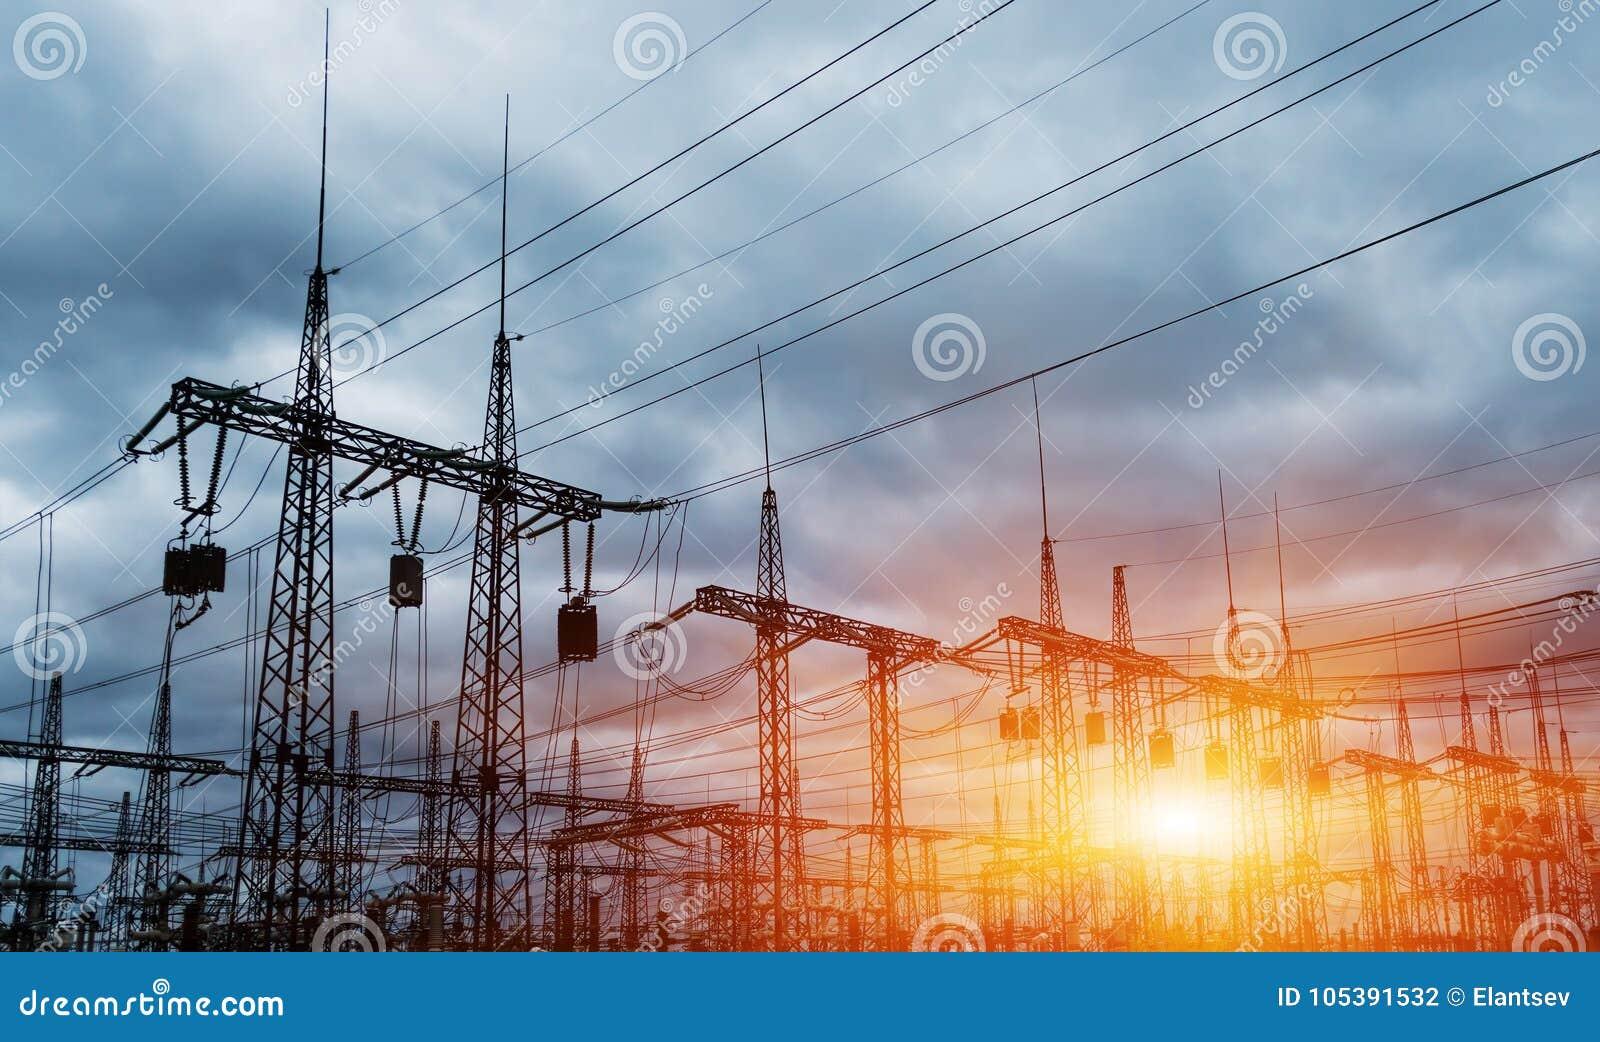 Subestação elétrica da distribuição com linhas elétricas e transformadores